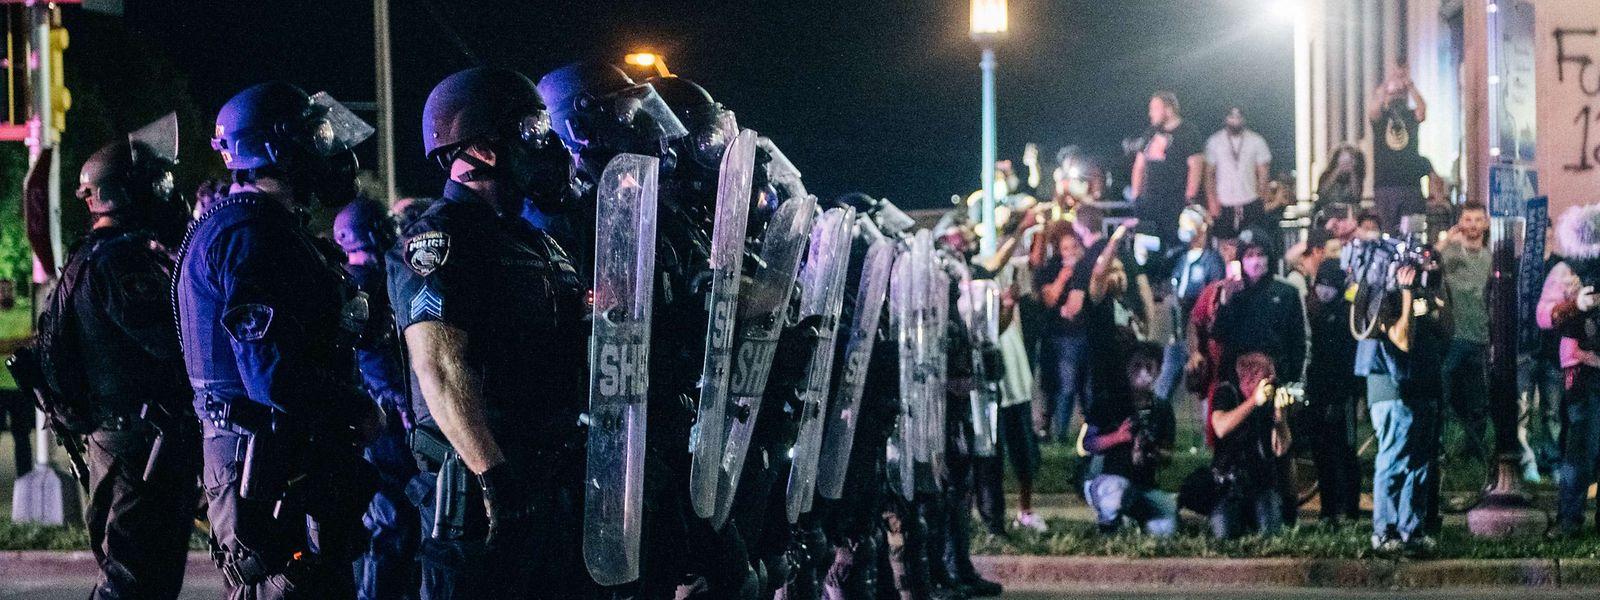 Konfrontation zwischen Demonstranten und Polizei in Kenosha.